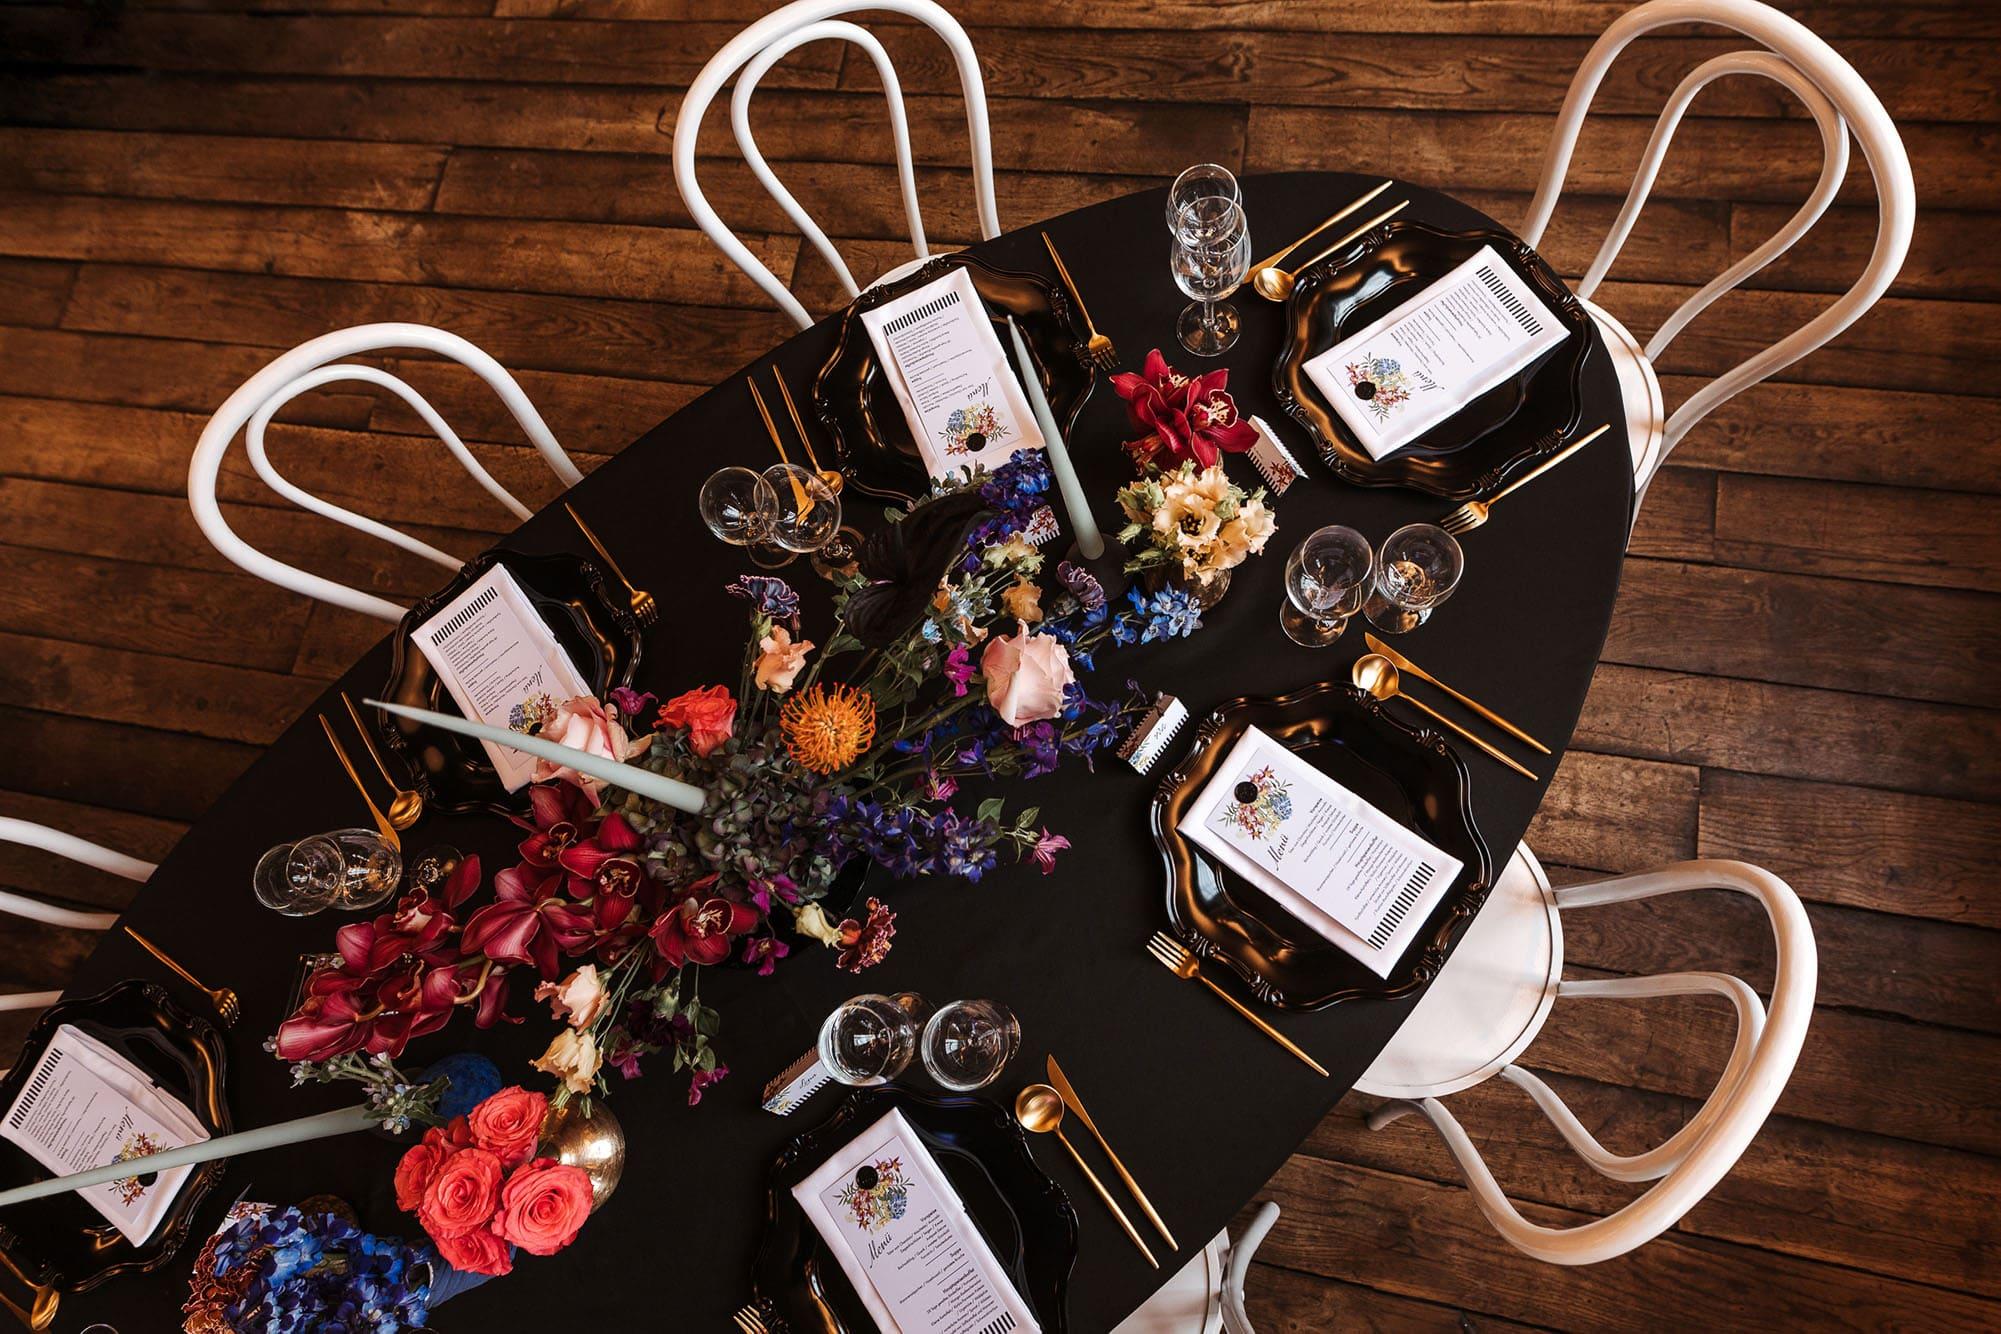 Dekorier ter schwarzer Tisch mit weißen Stühlen und Deko in schwarz und gold